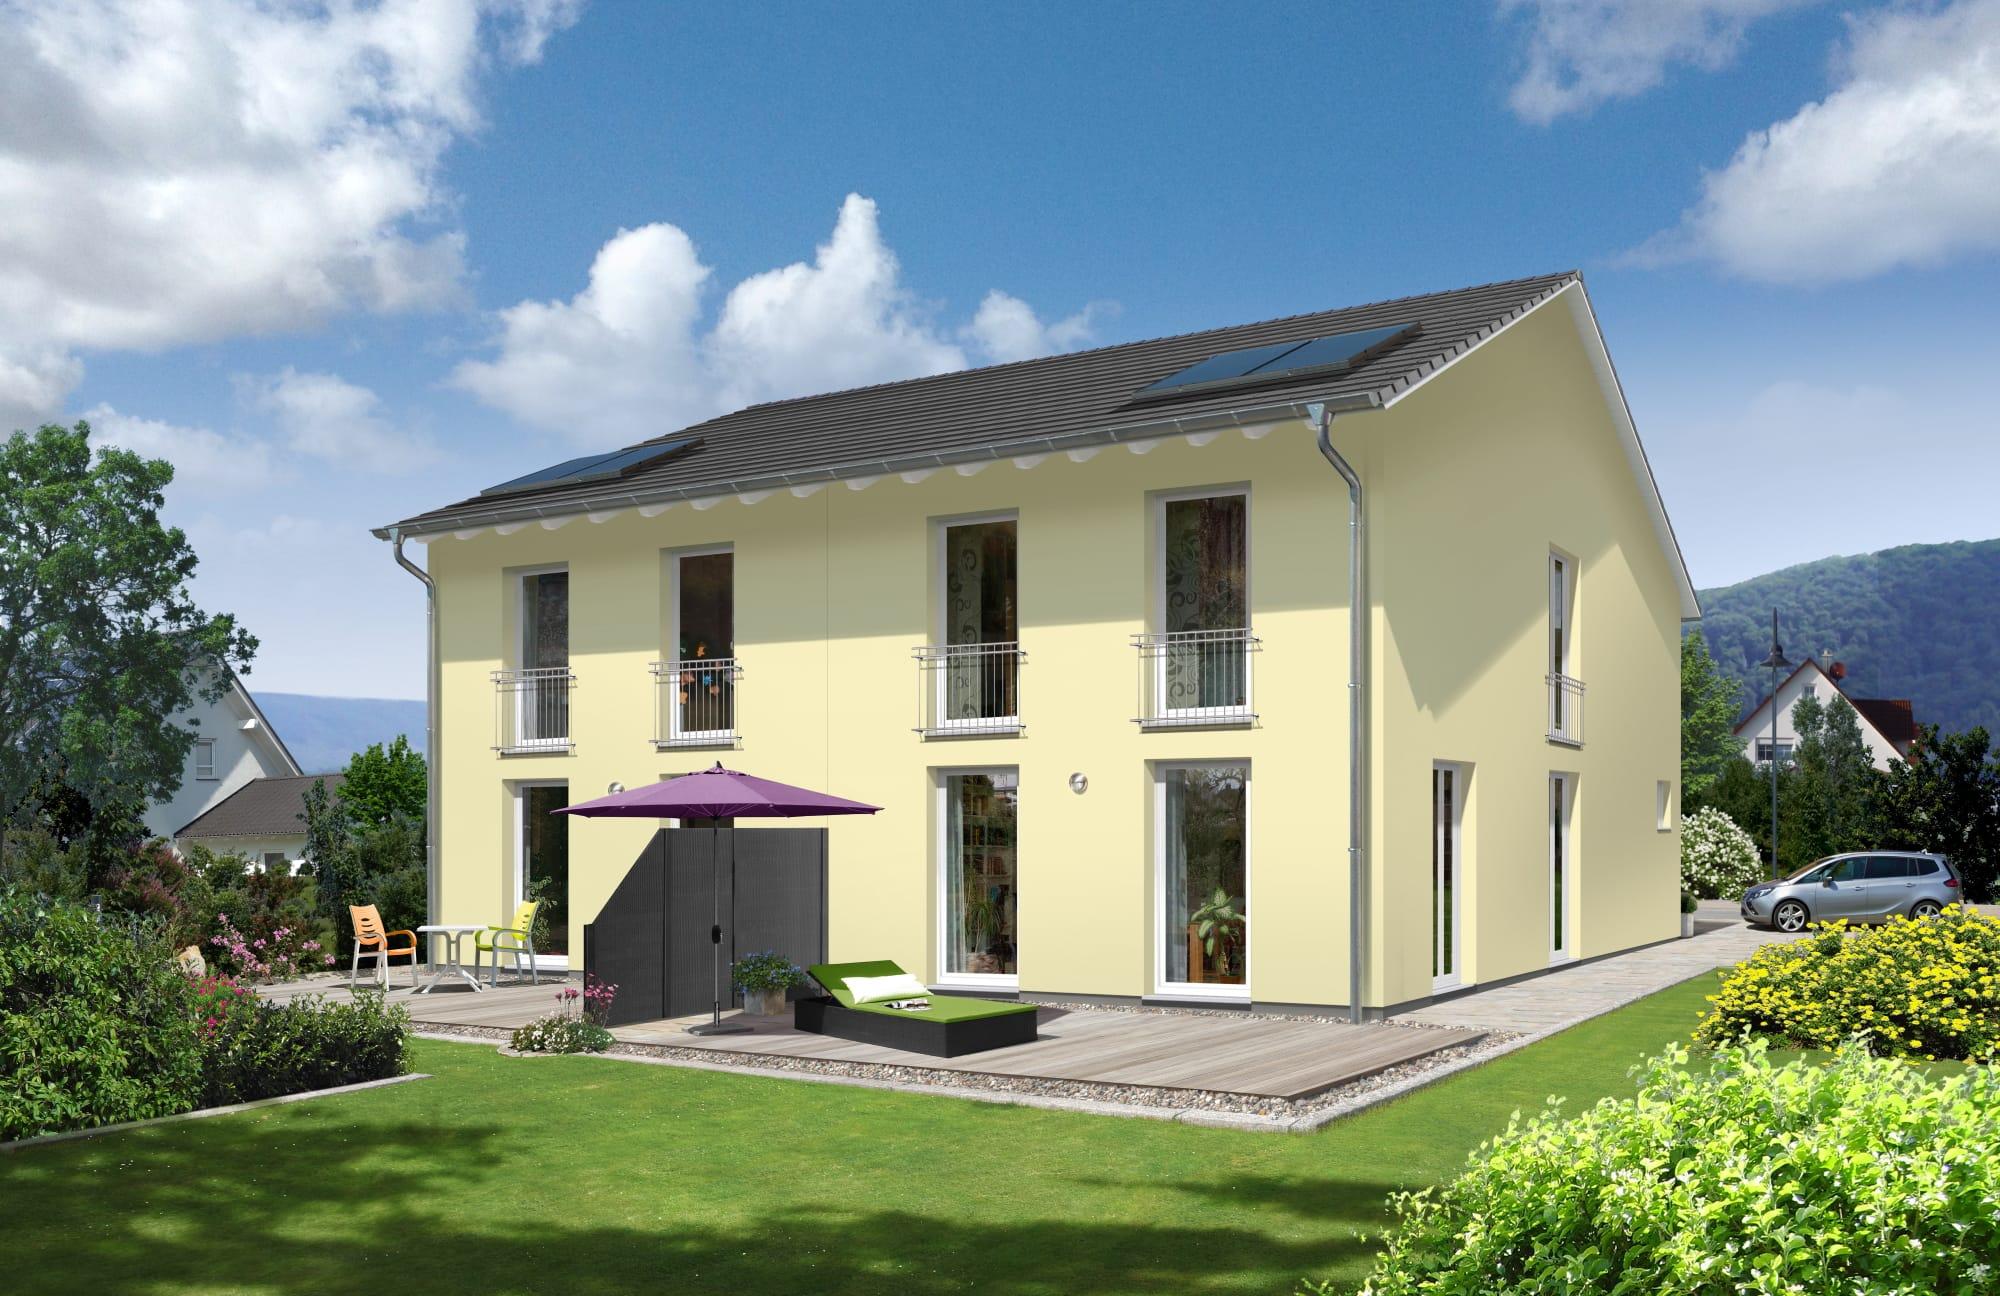 Doppelhaus Neubau schmal mit Satteldach Architektur - Massivhaus bauen Ideen Town Country Haus Aura 125 Trend - HausbauDirekt.de